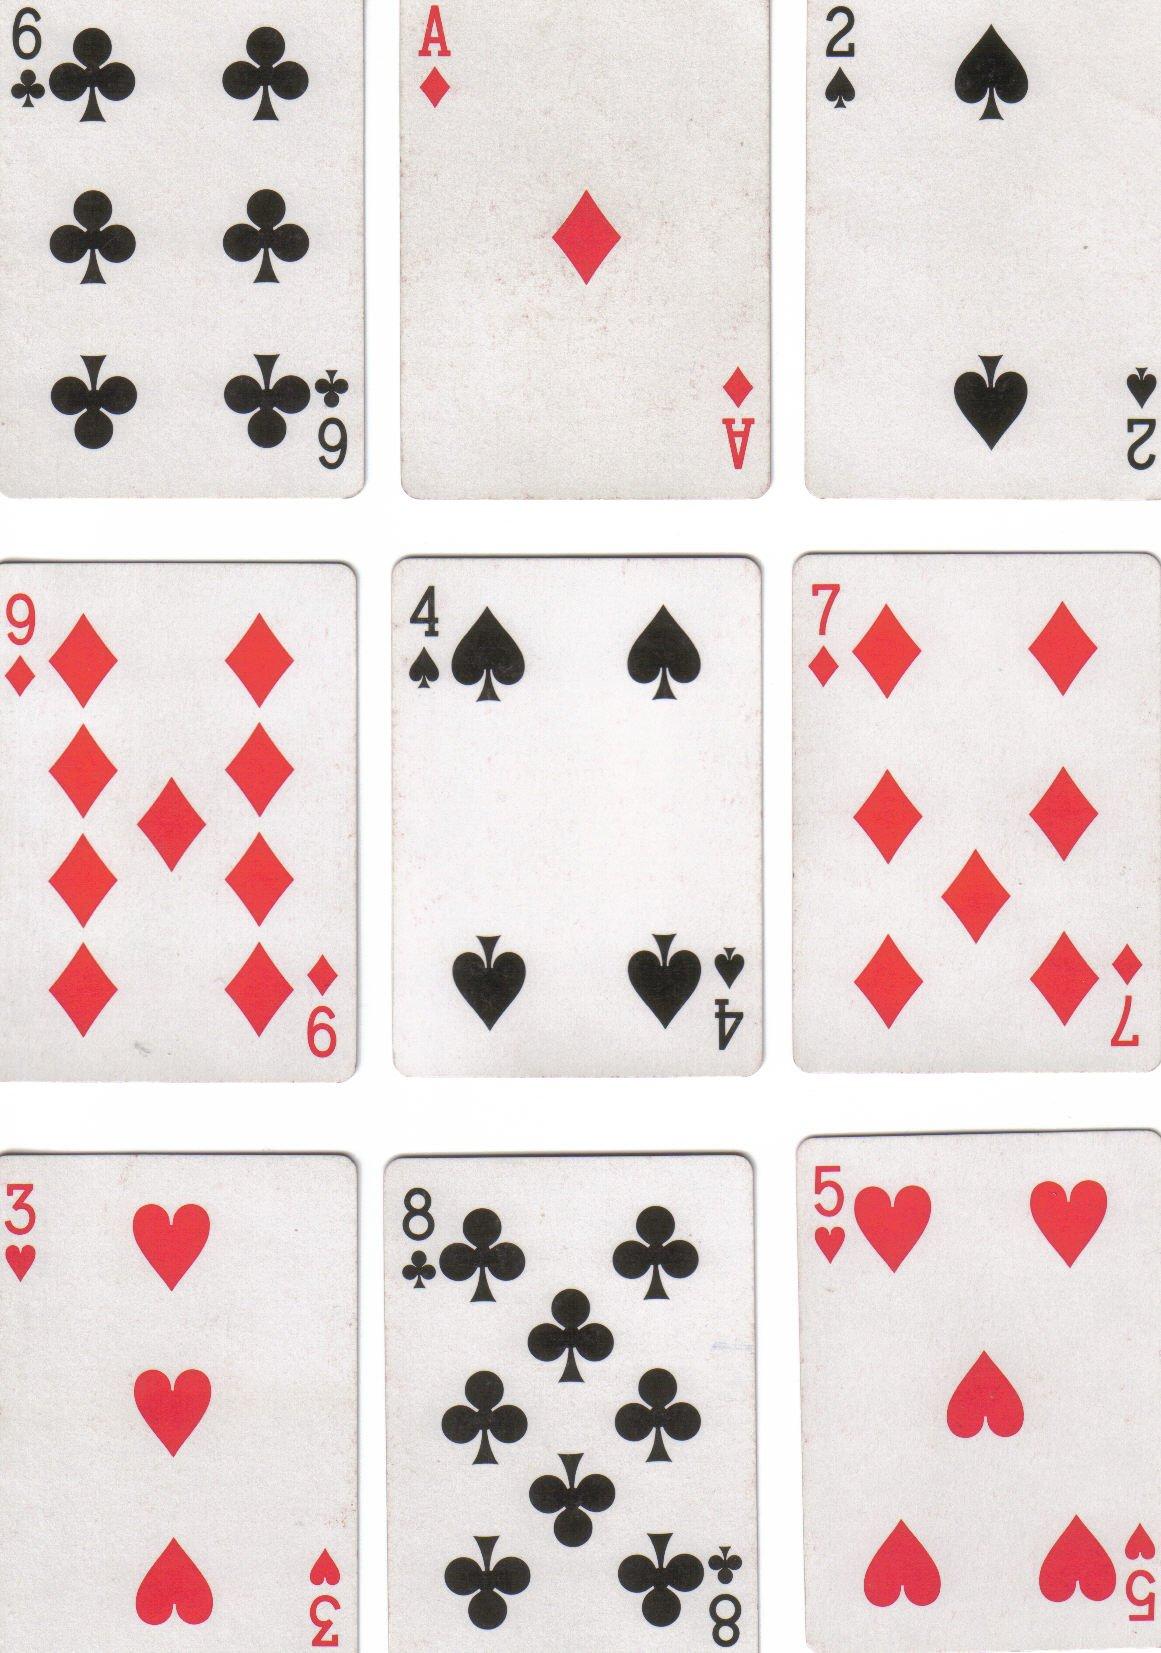 juego de cartas casino